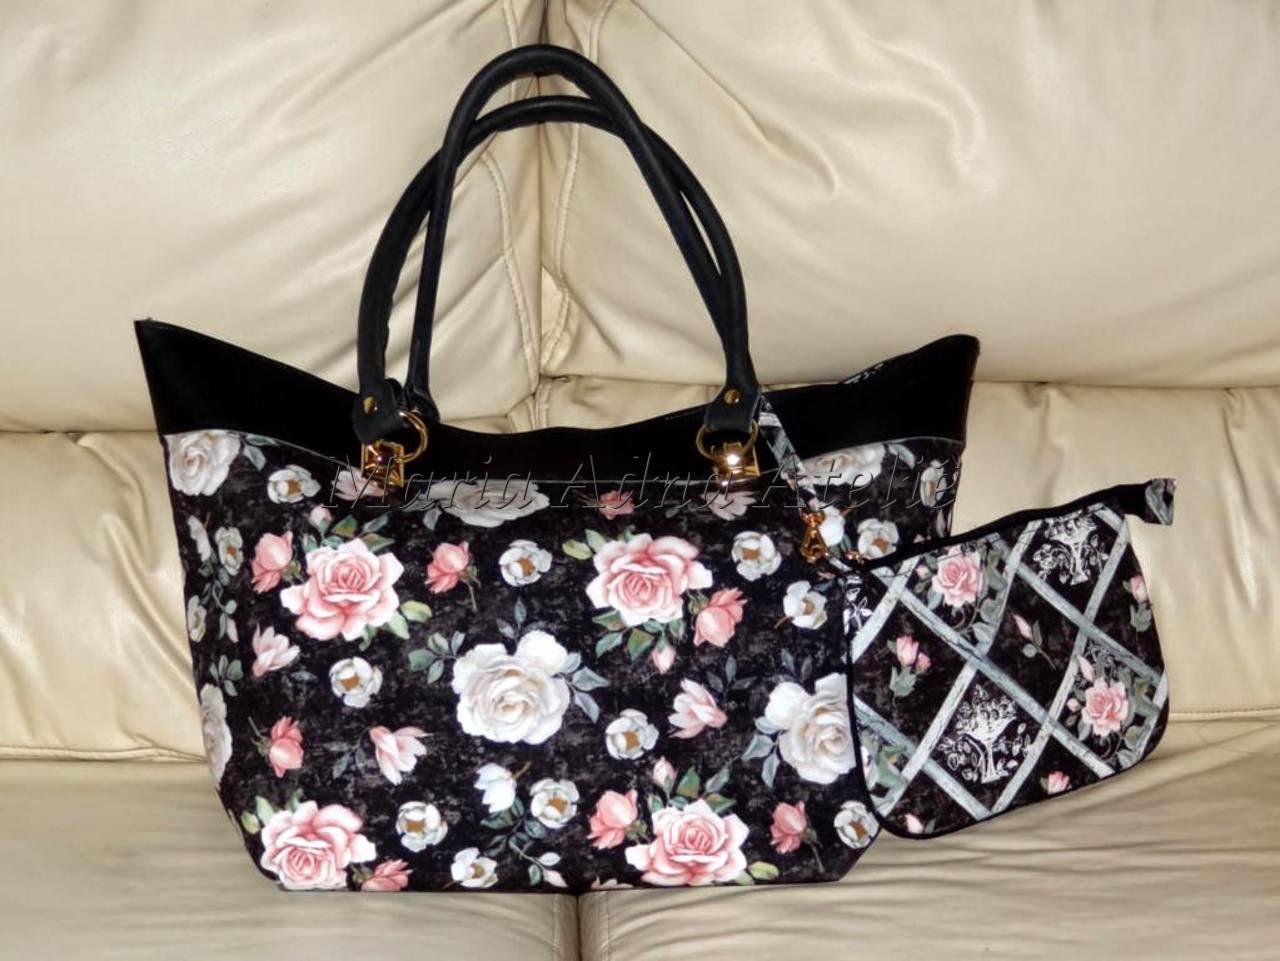 Bolsa De Tecido Linda : Bolsa de tecido e sint?tico com ferragens linda arte